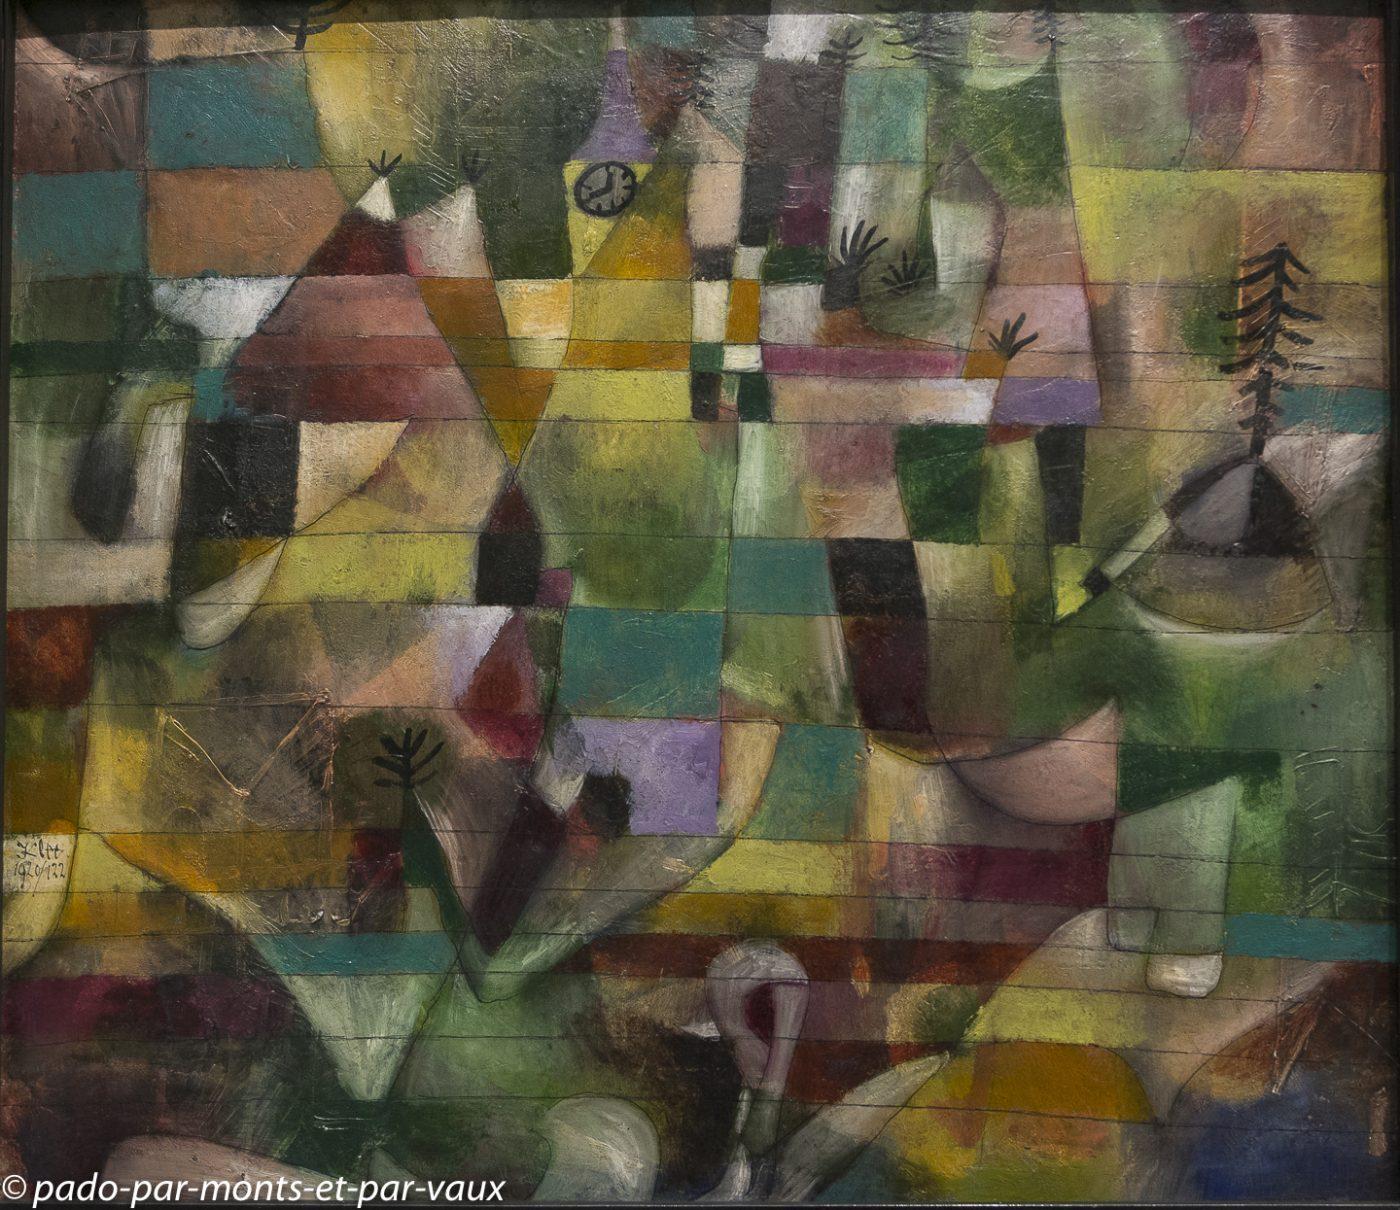 Munich pinacothèque d'art moderne - Klee